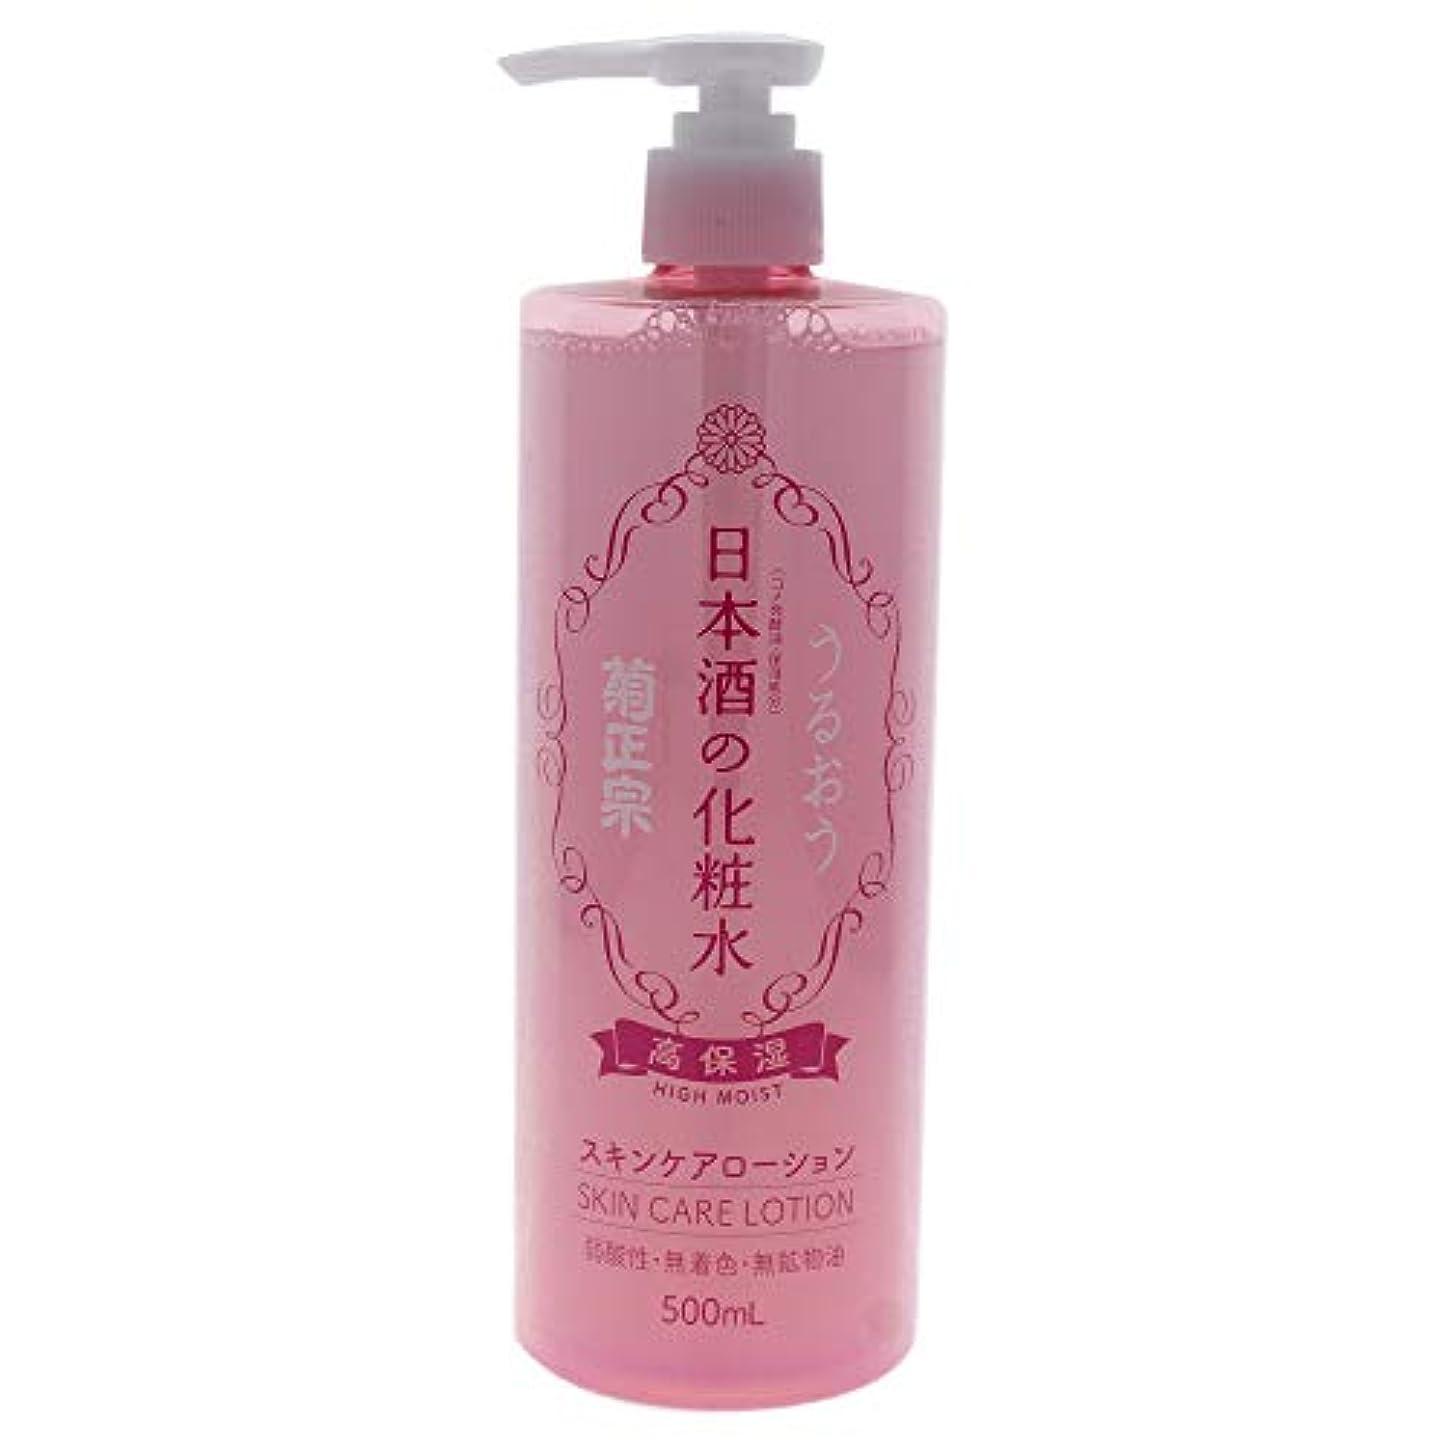 排除もろいセグメント菊正宗 日本酒の化粧水 高保湿 単品 500ml